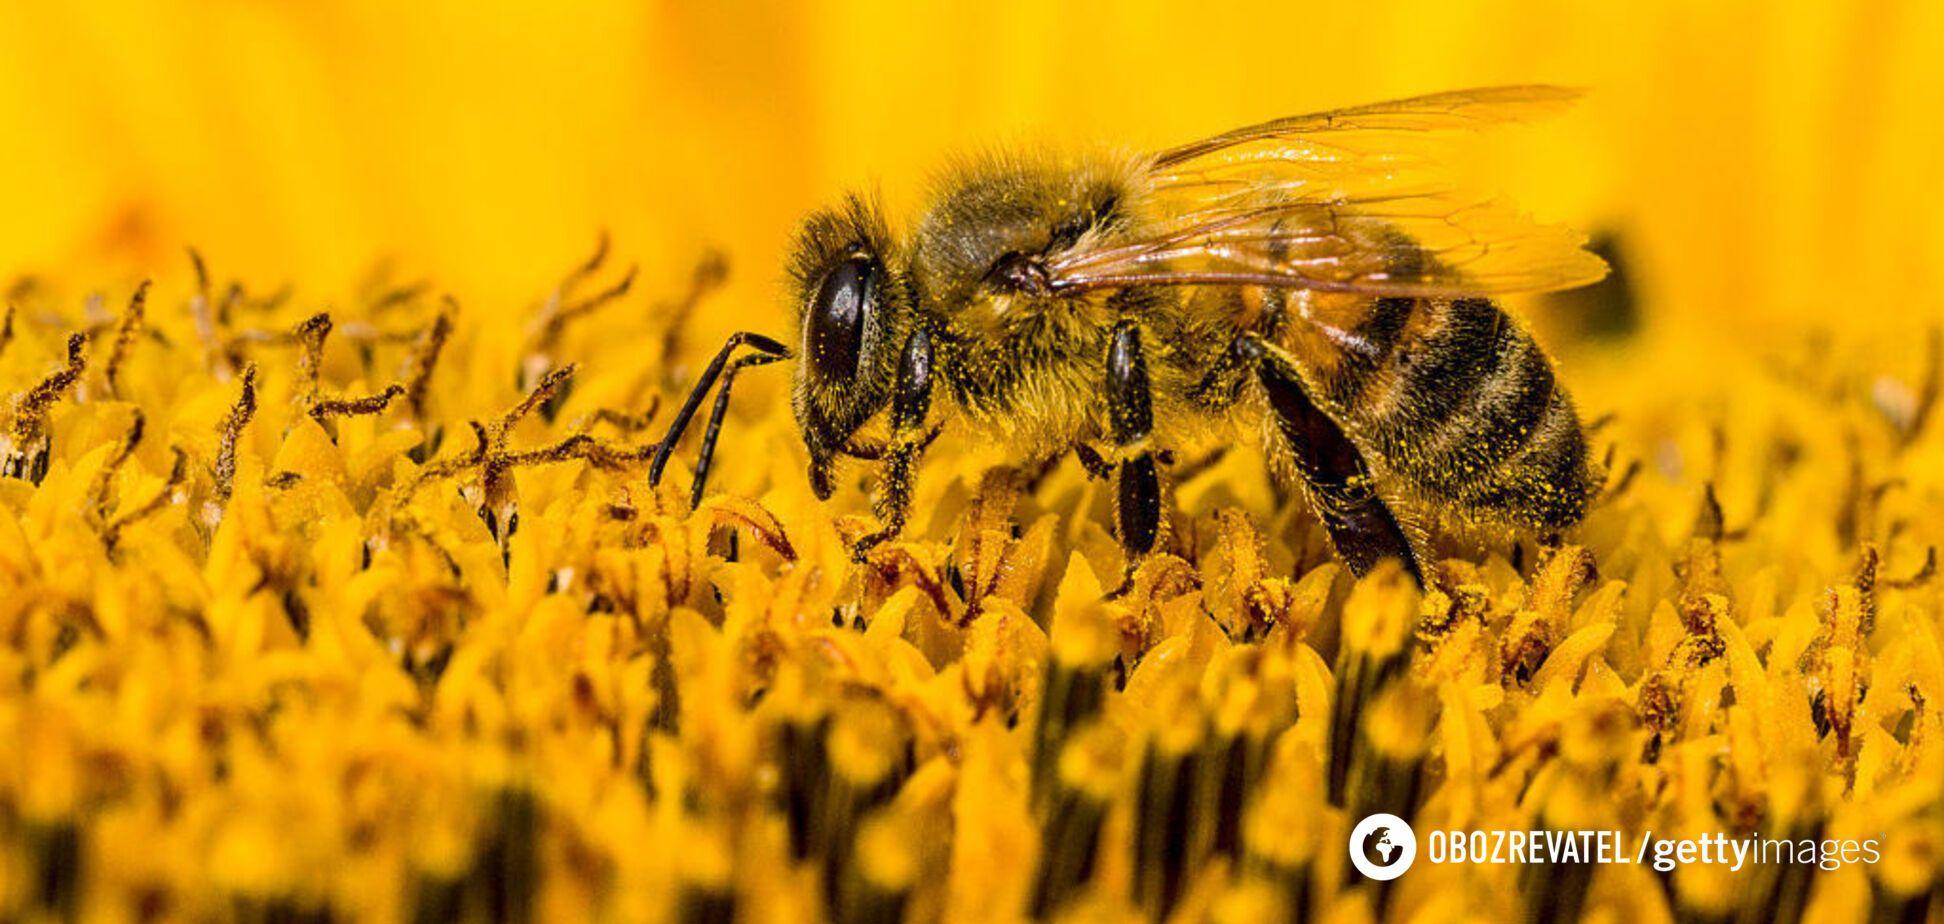 Кожній бджолиної сім'ї за сезон потрібно зібрати 120-150 кг нектару